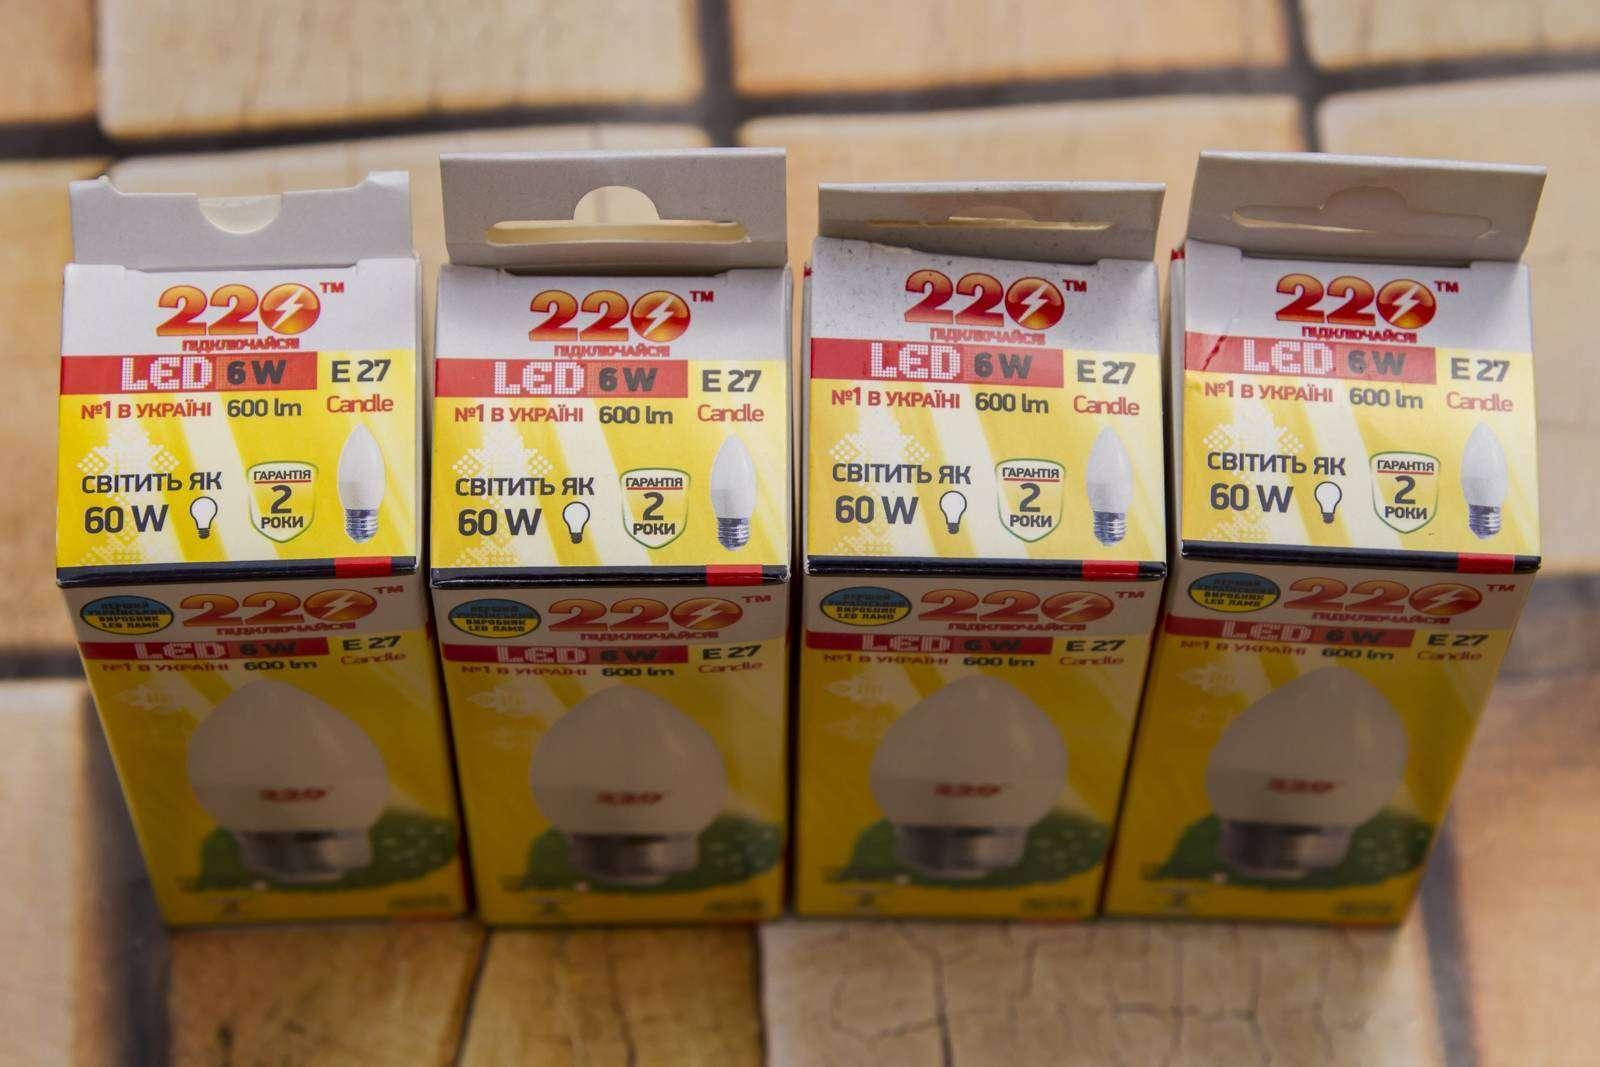 Leroy Merlin: LED лампочки от 220tm по цене как в Китае